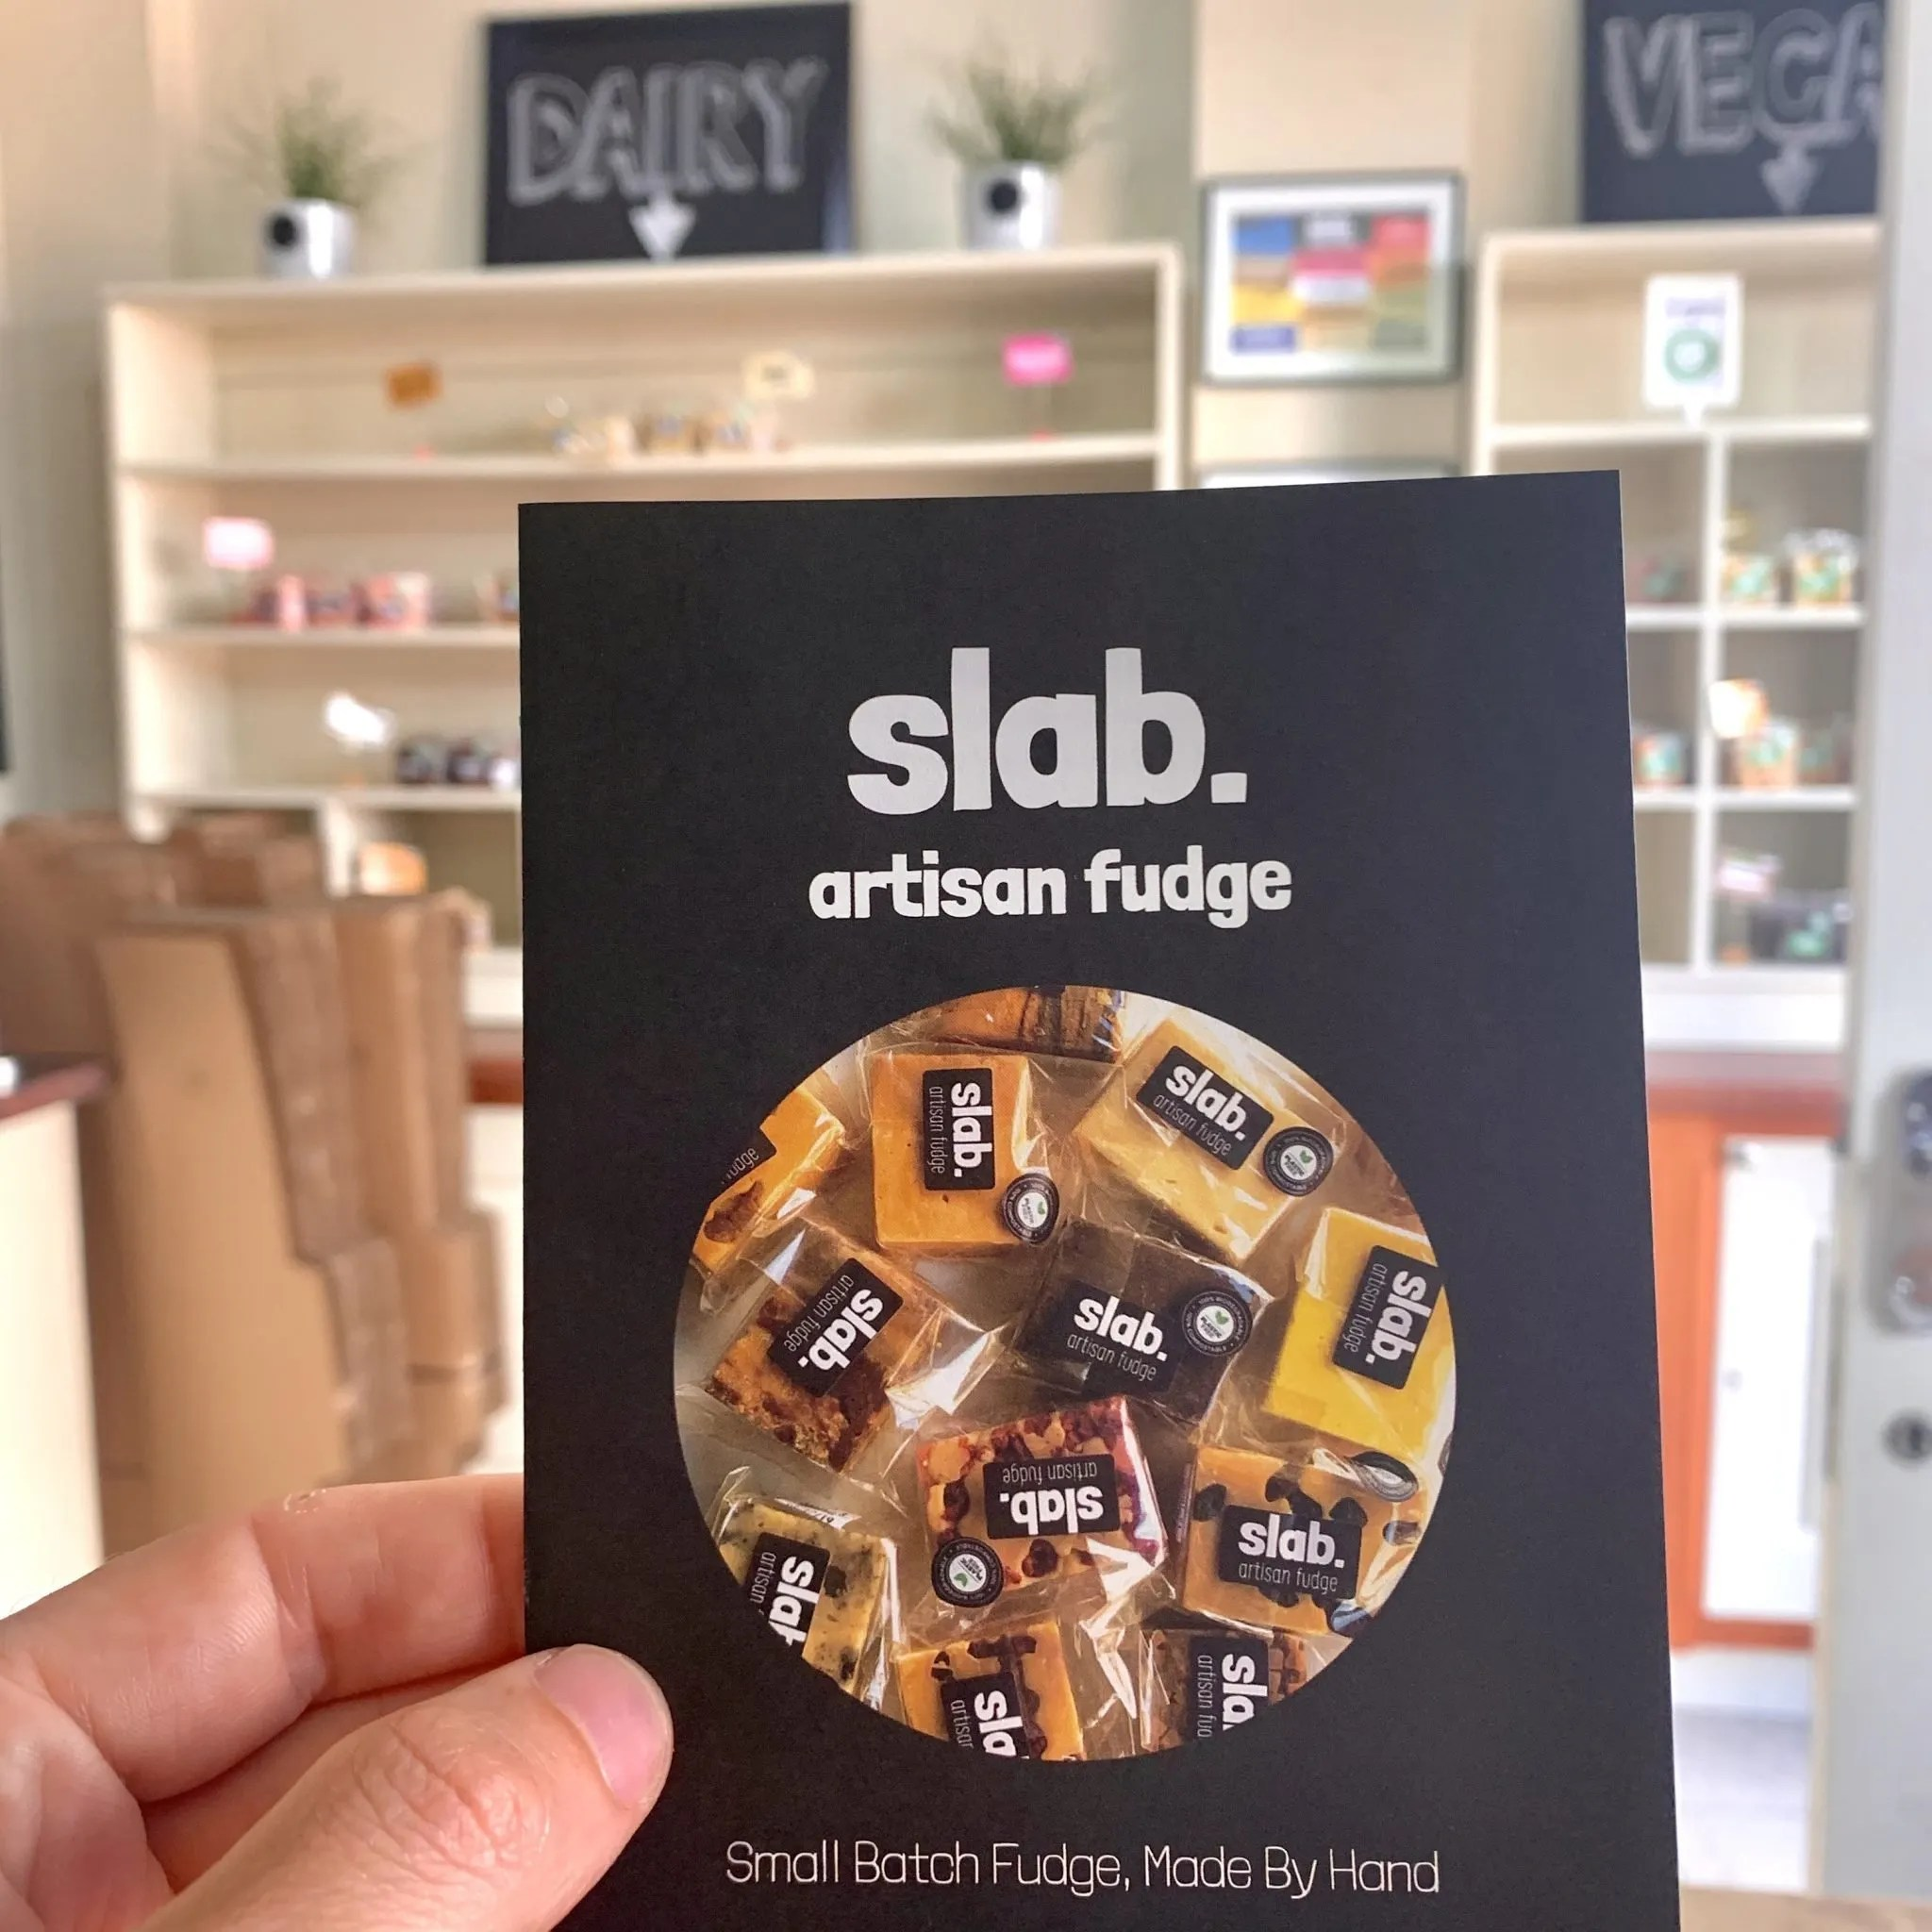 Slab fudge leaflet